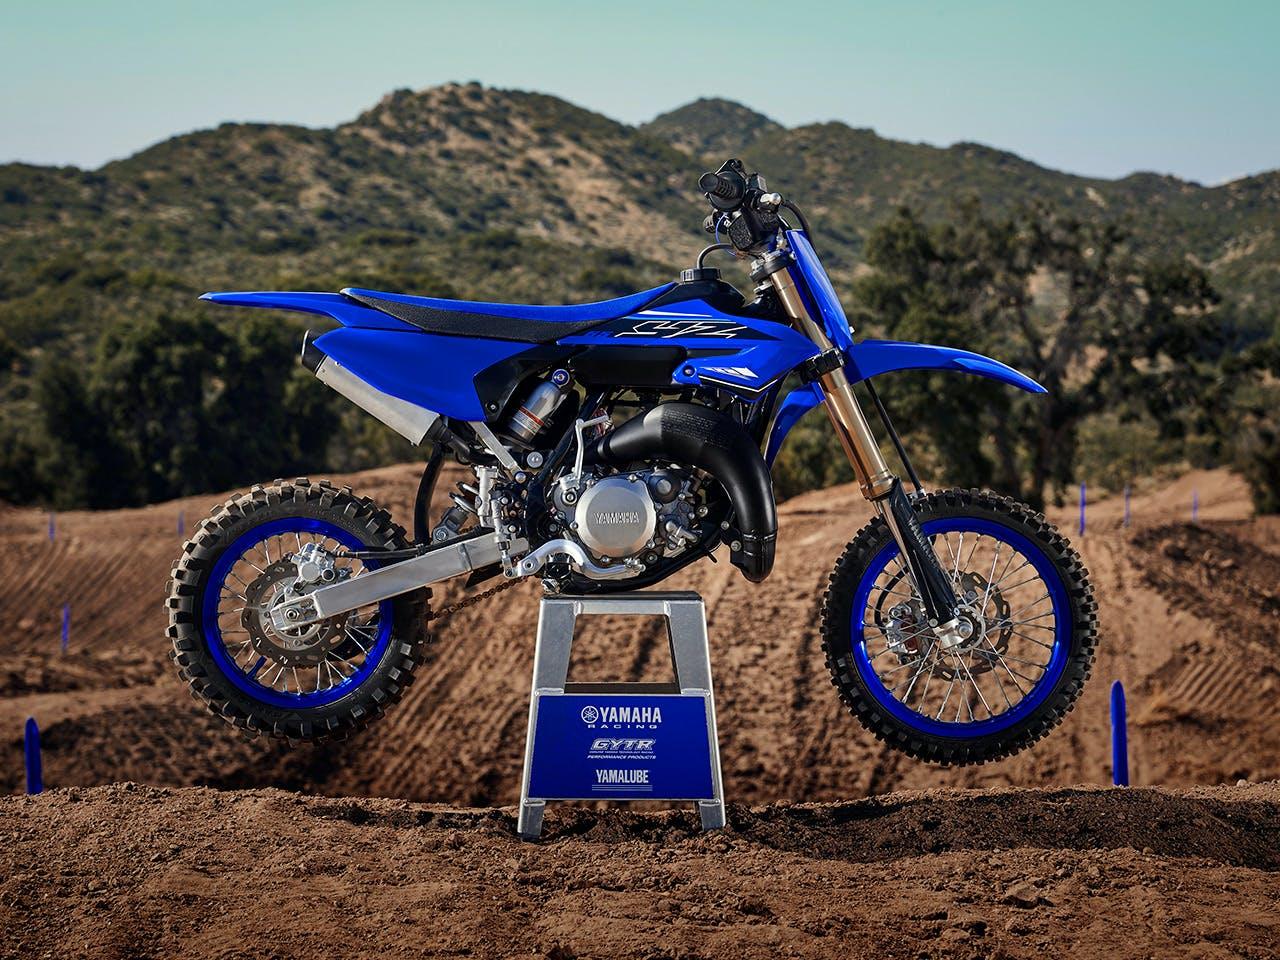 Yamaha YZ65 in team yamaha blue colour , parked